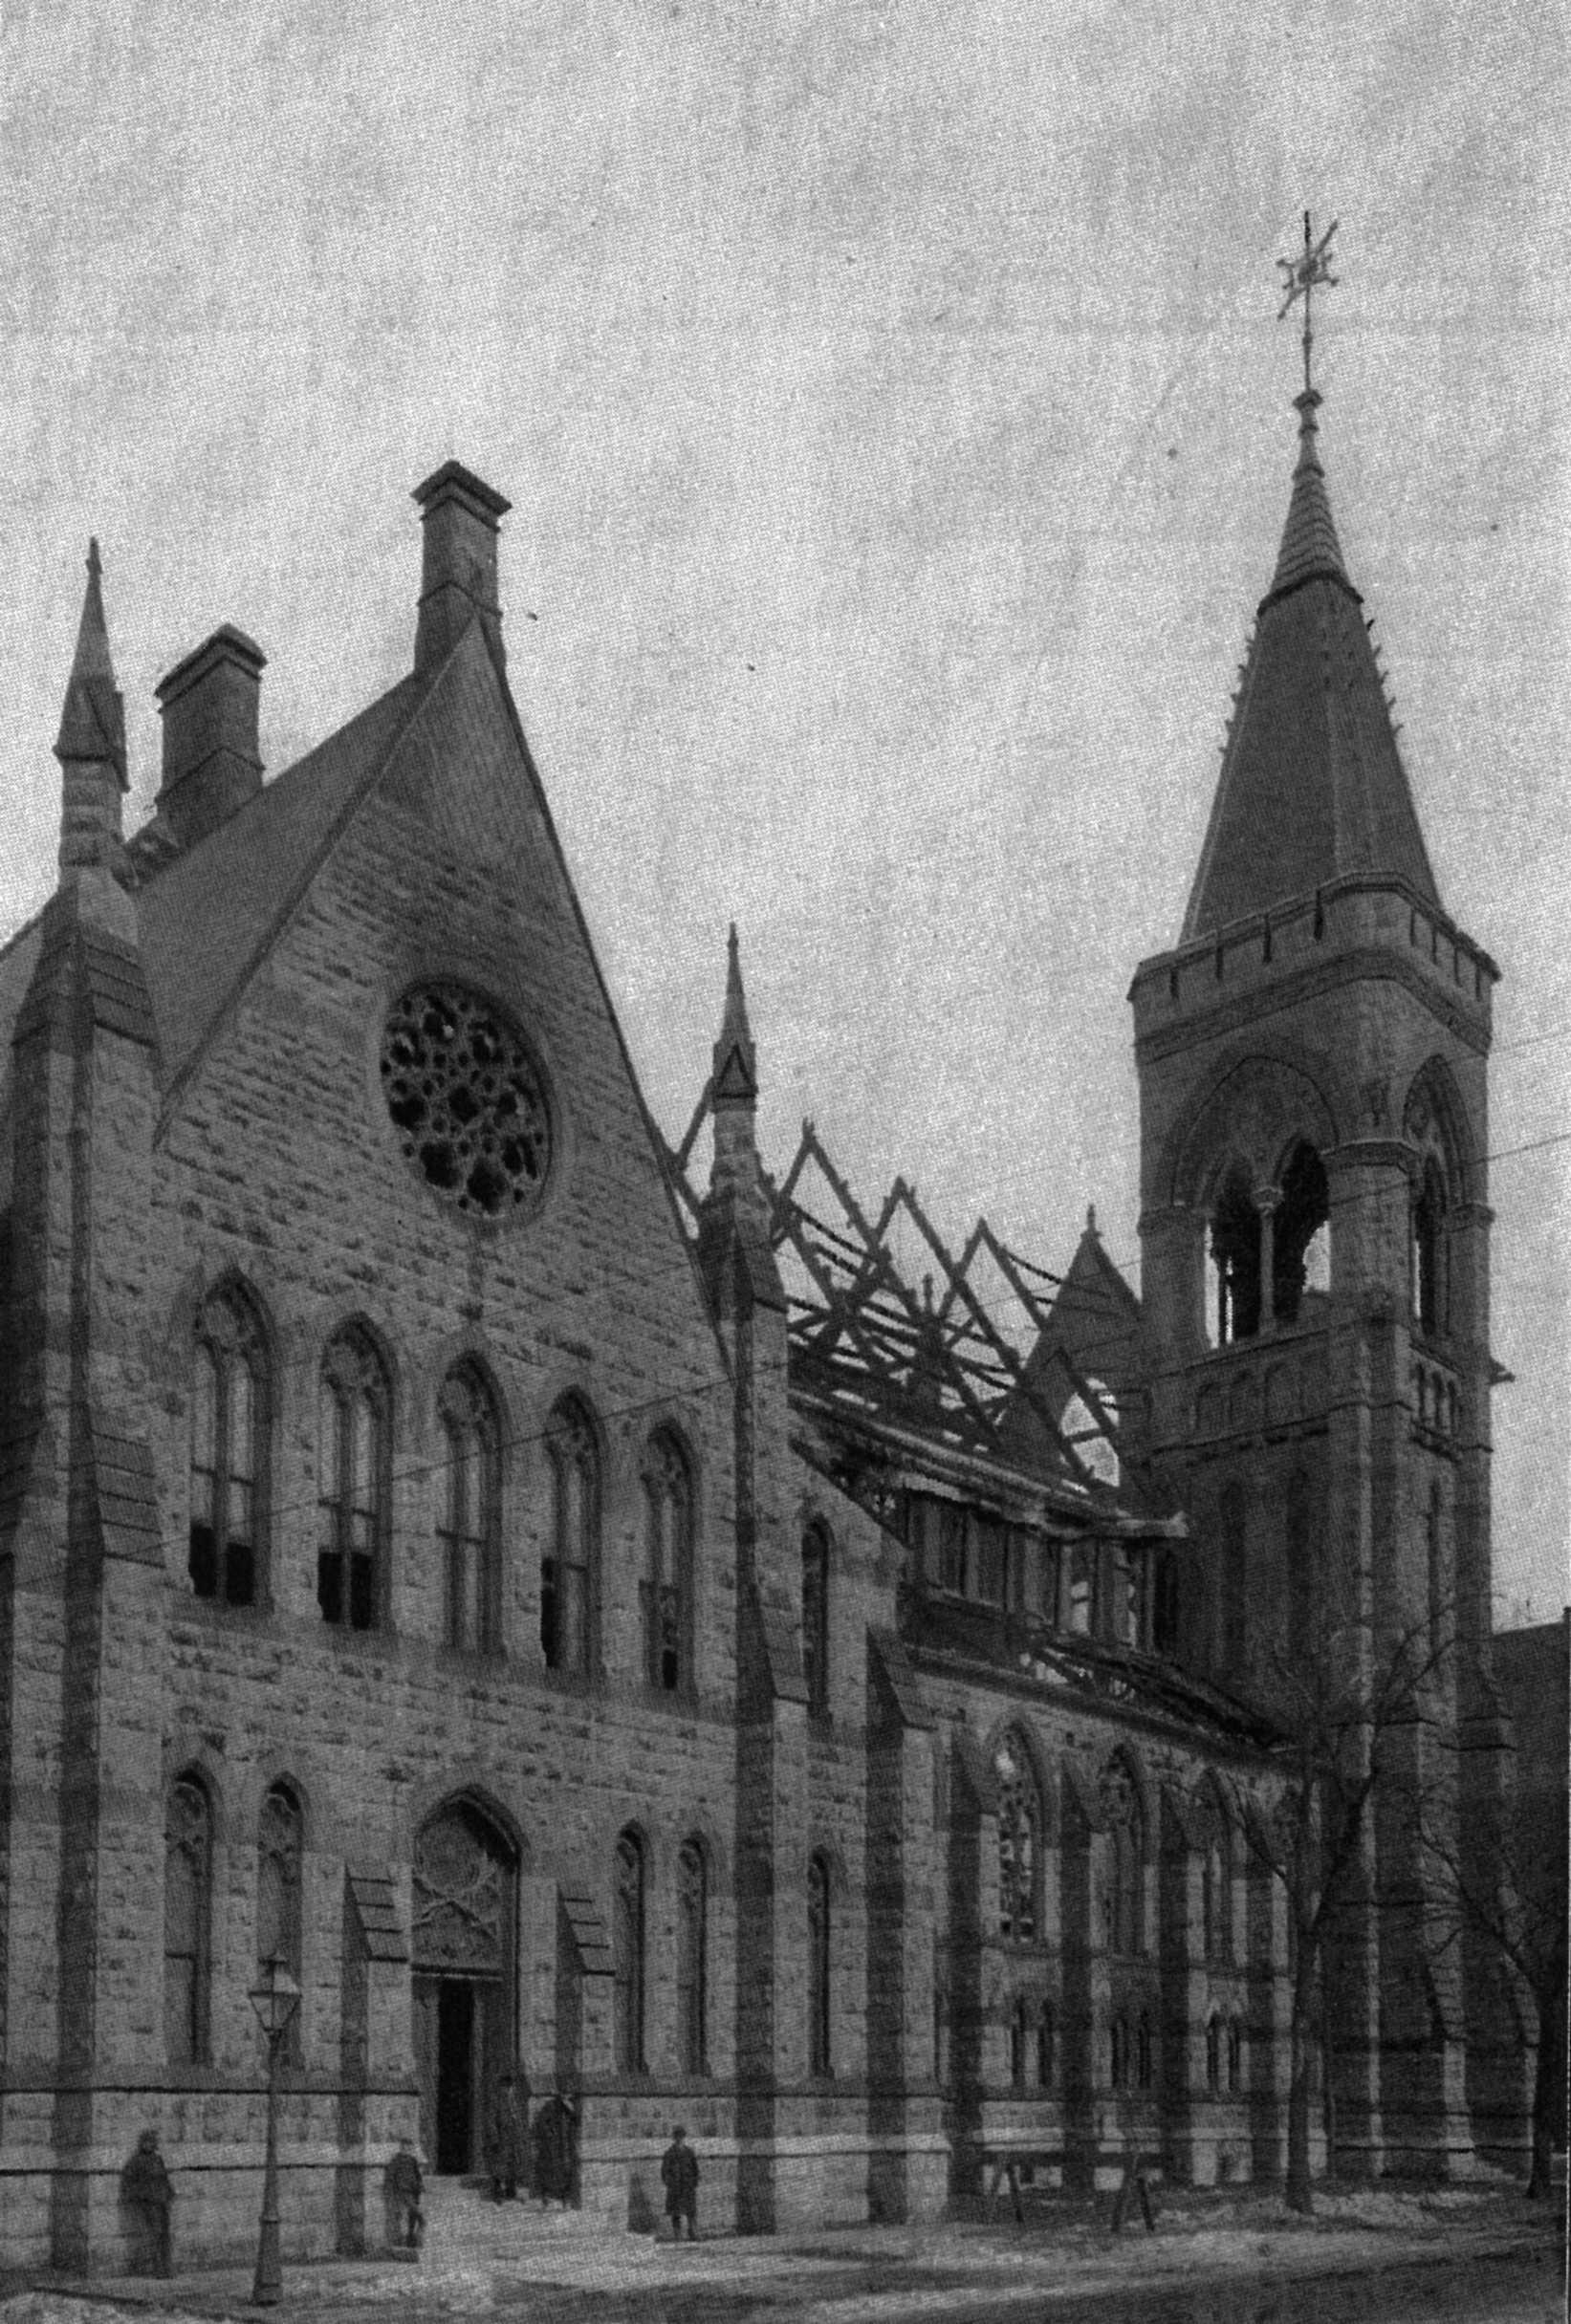 Devastation after 1900 fire